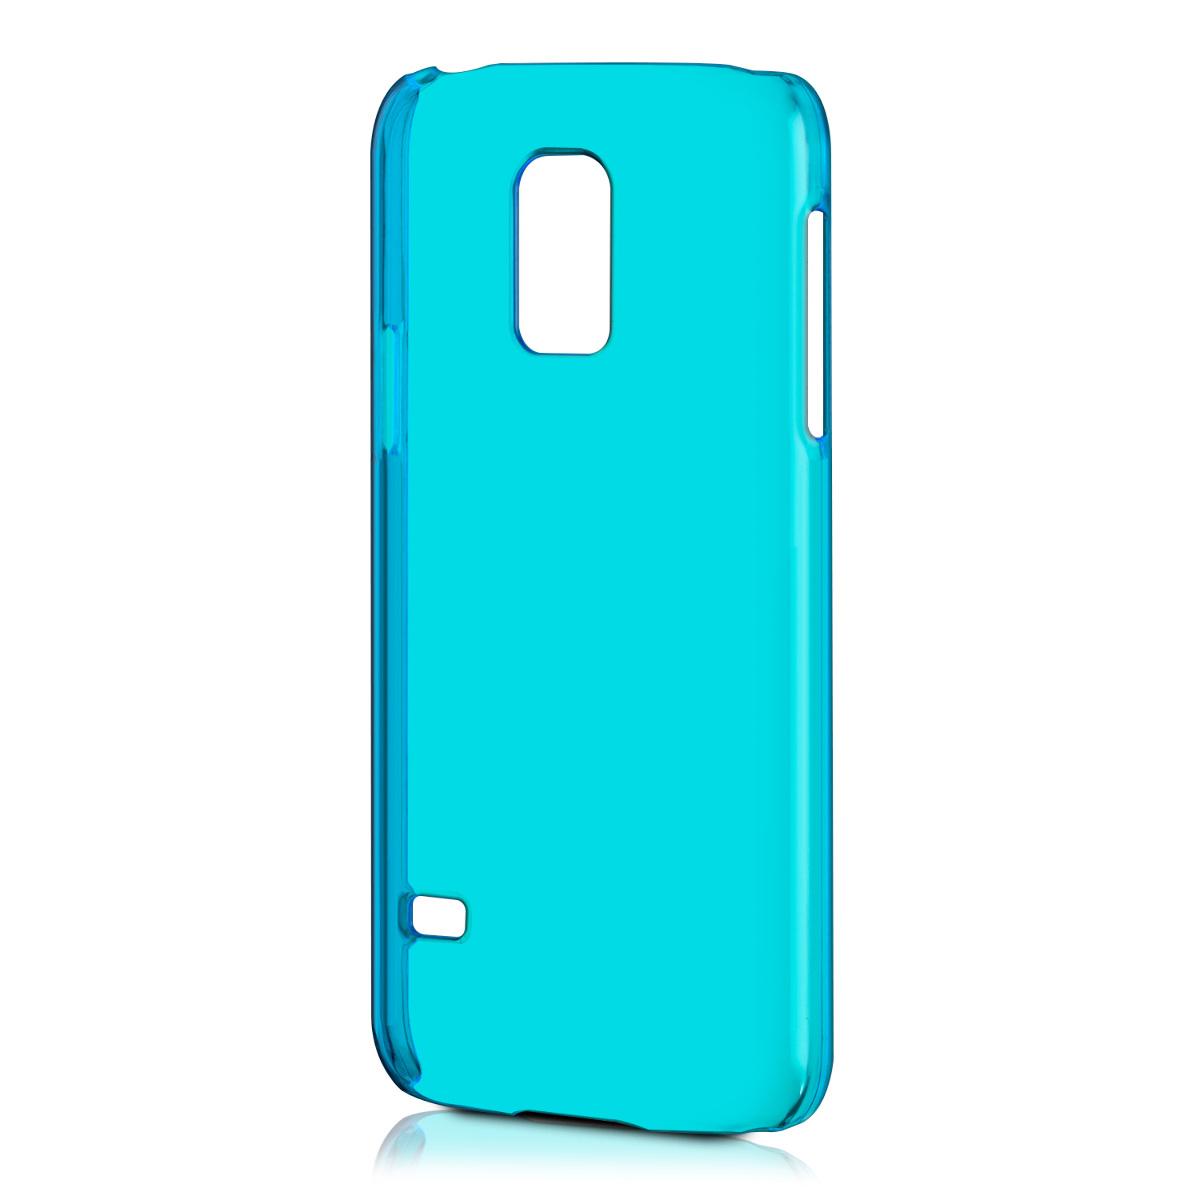 Samsung Galaxy S5 Farben Die Bunte Farbenwelt Von Samsung Giga